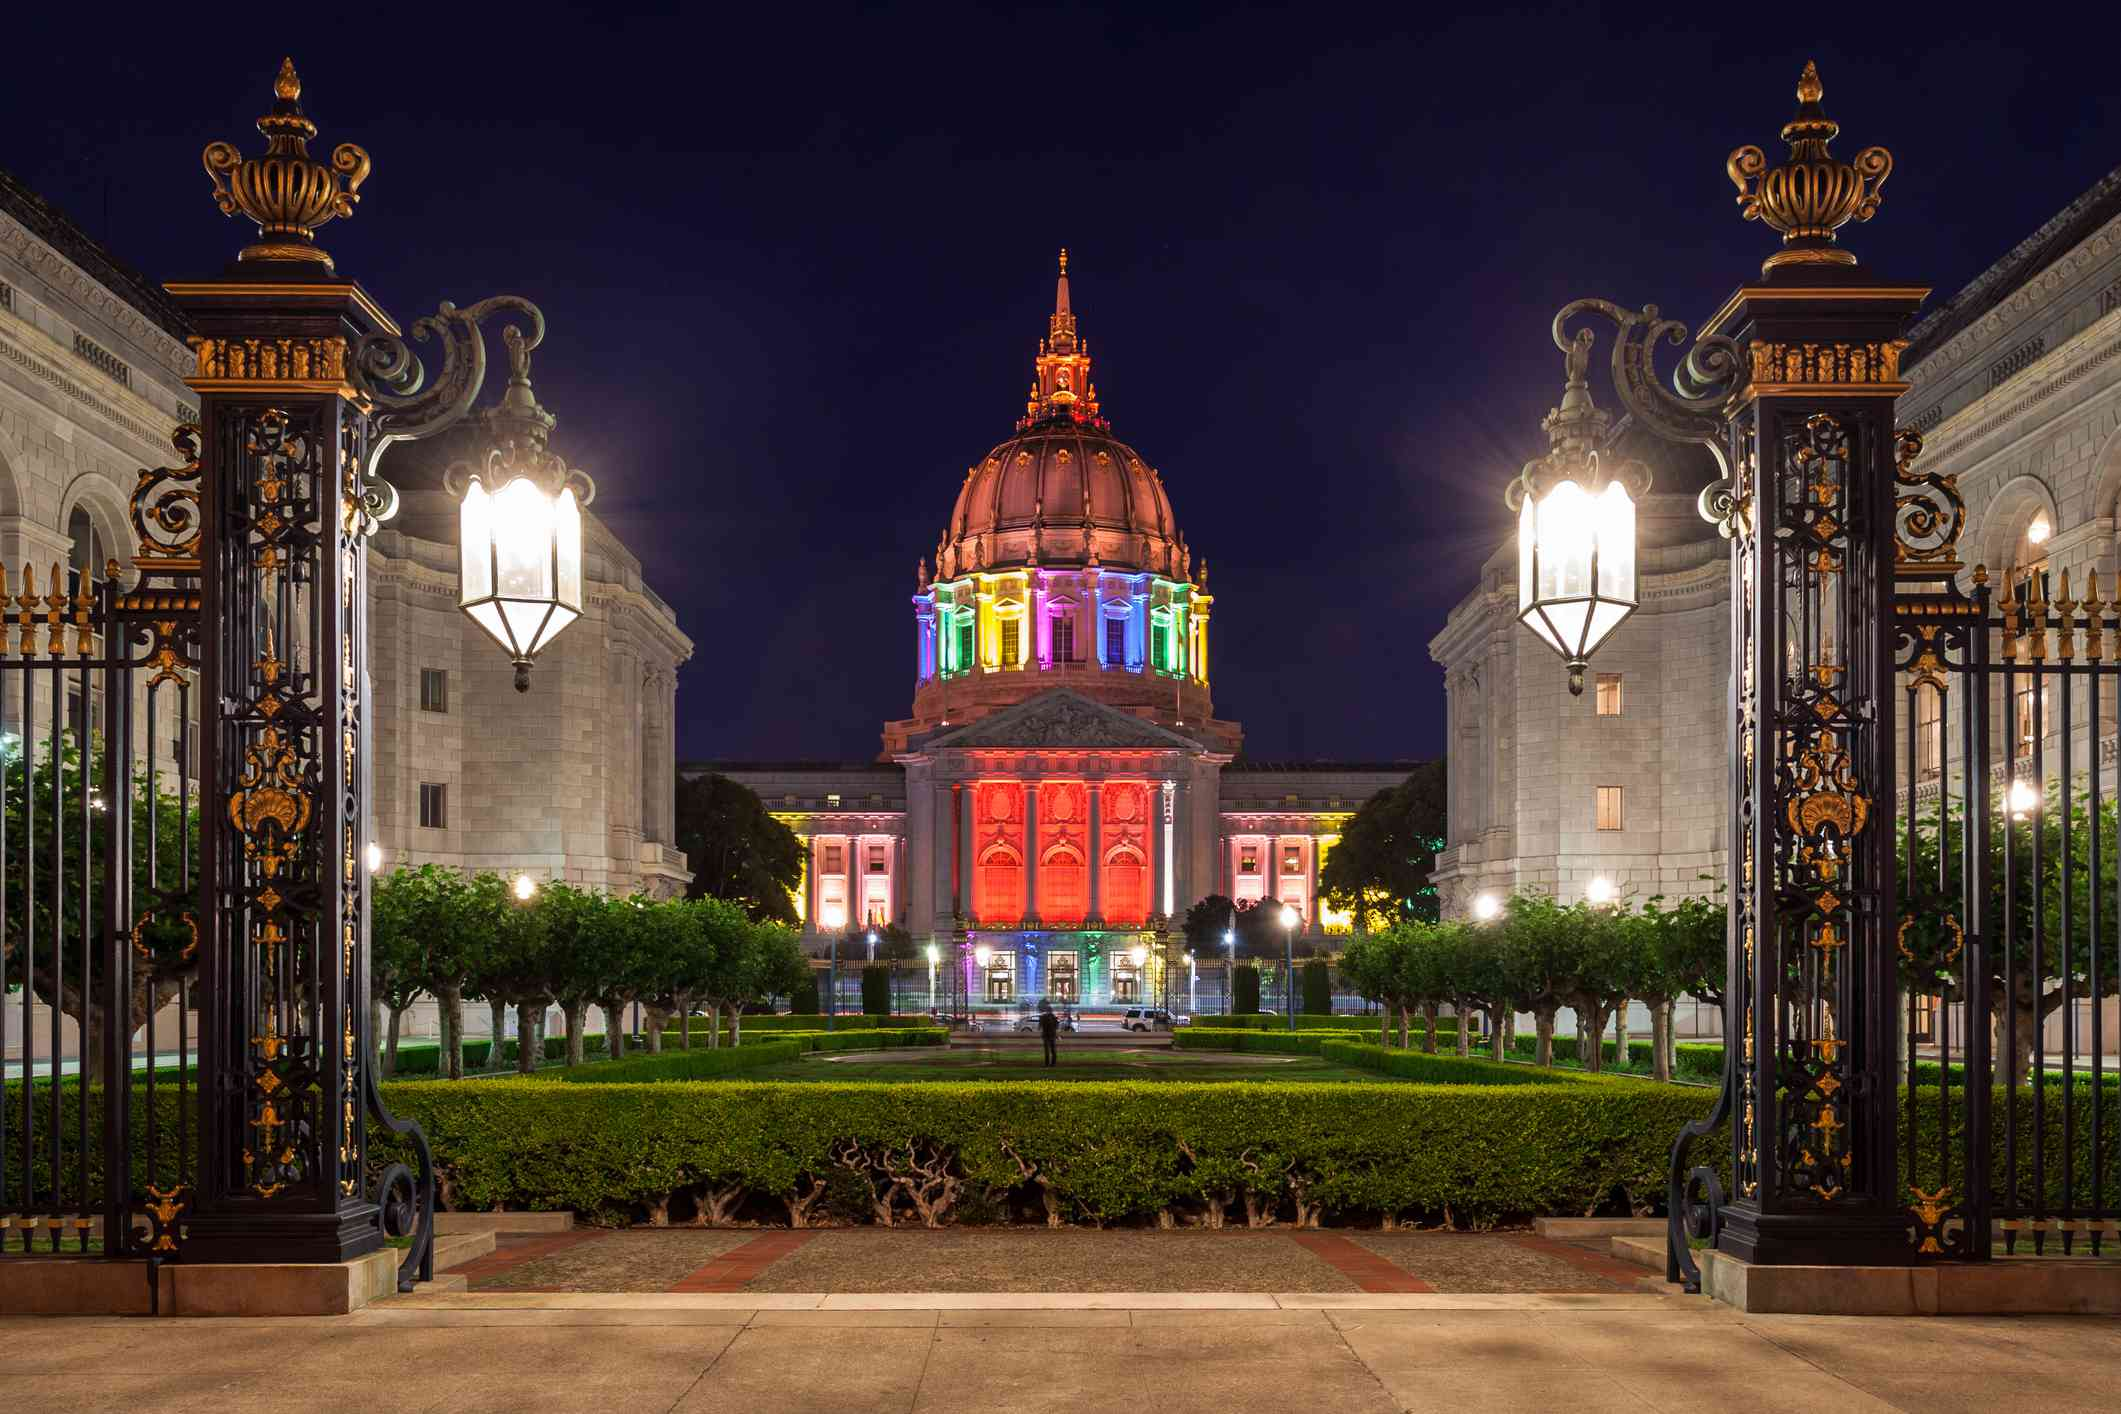 Ayuntamiento de San Francisco iluminado en colores del arco iris en la noche - foto de stock